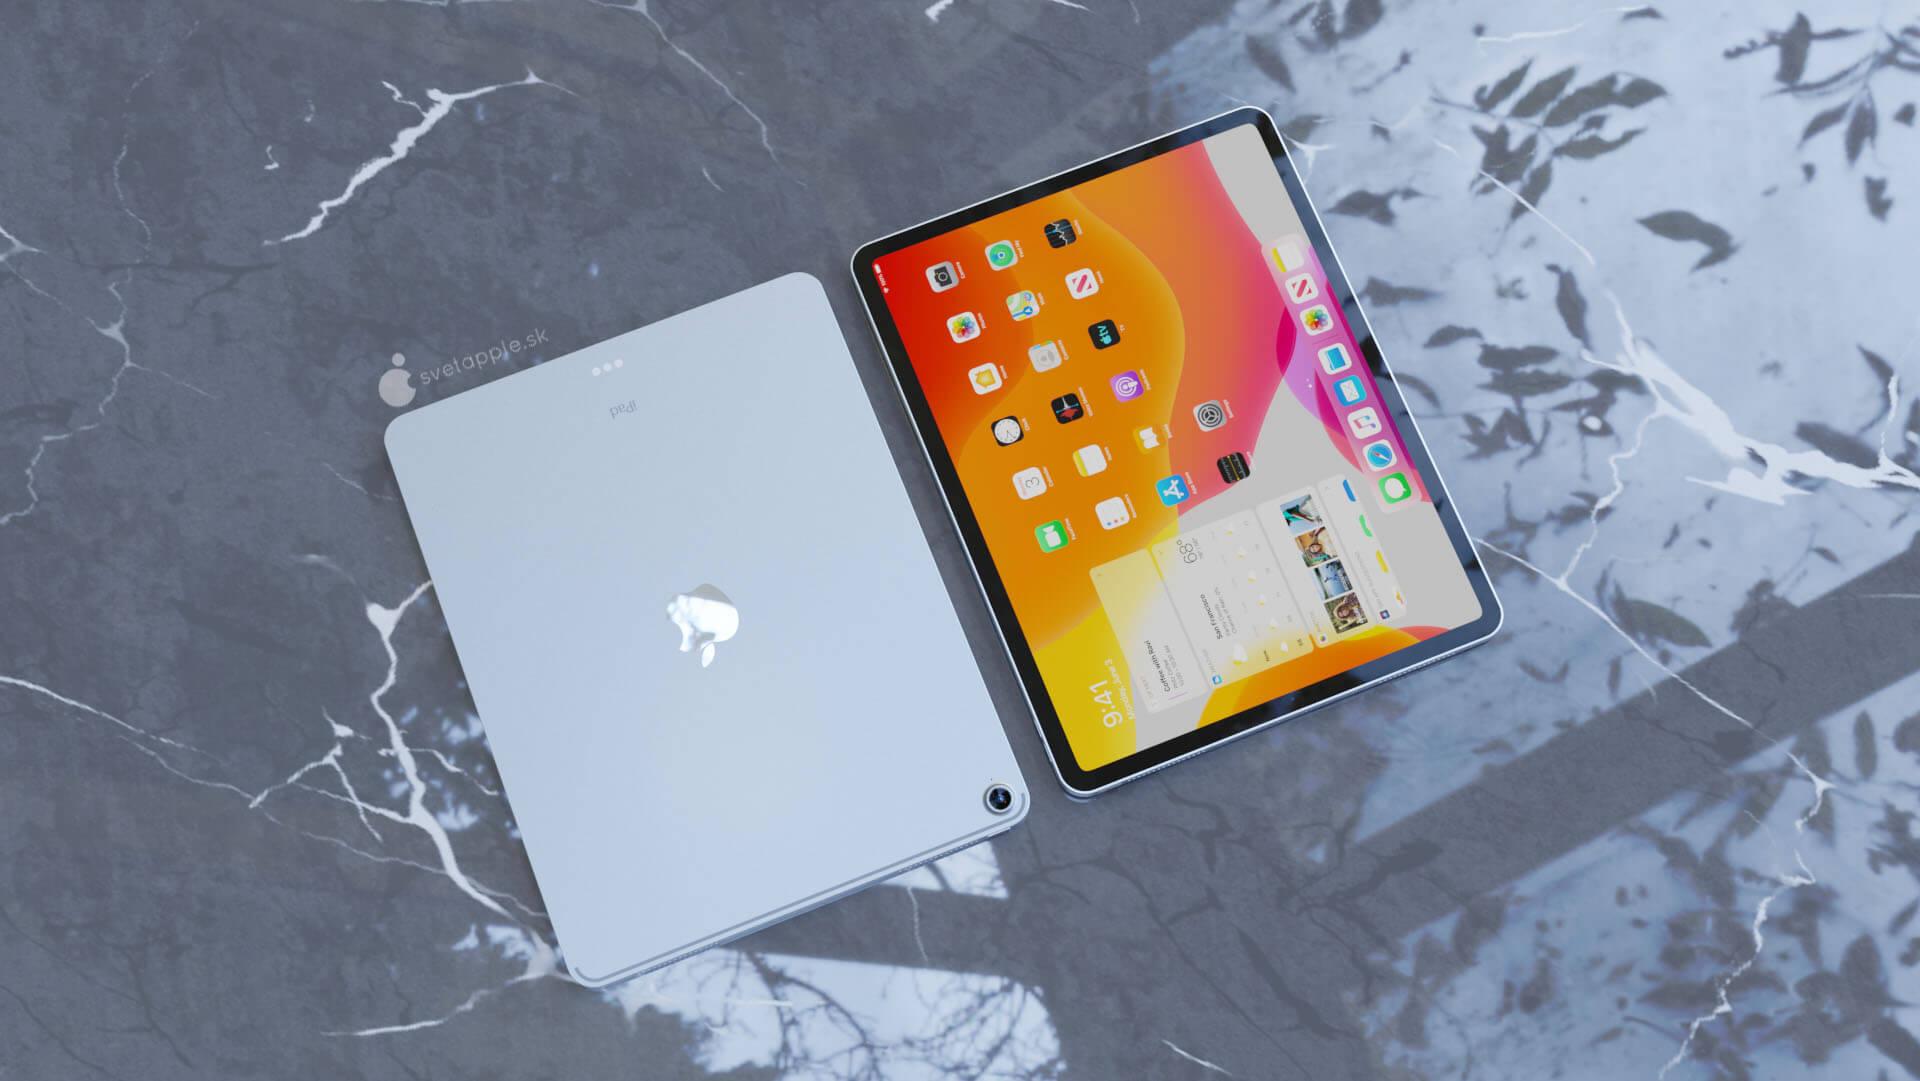 来週発売とうわさのiPad Air 4はこんな感じ?コンセプト画像が公開 tech200903_ipadair_1